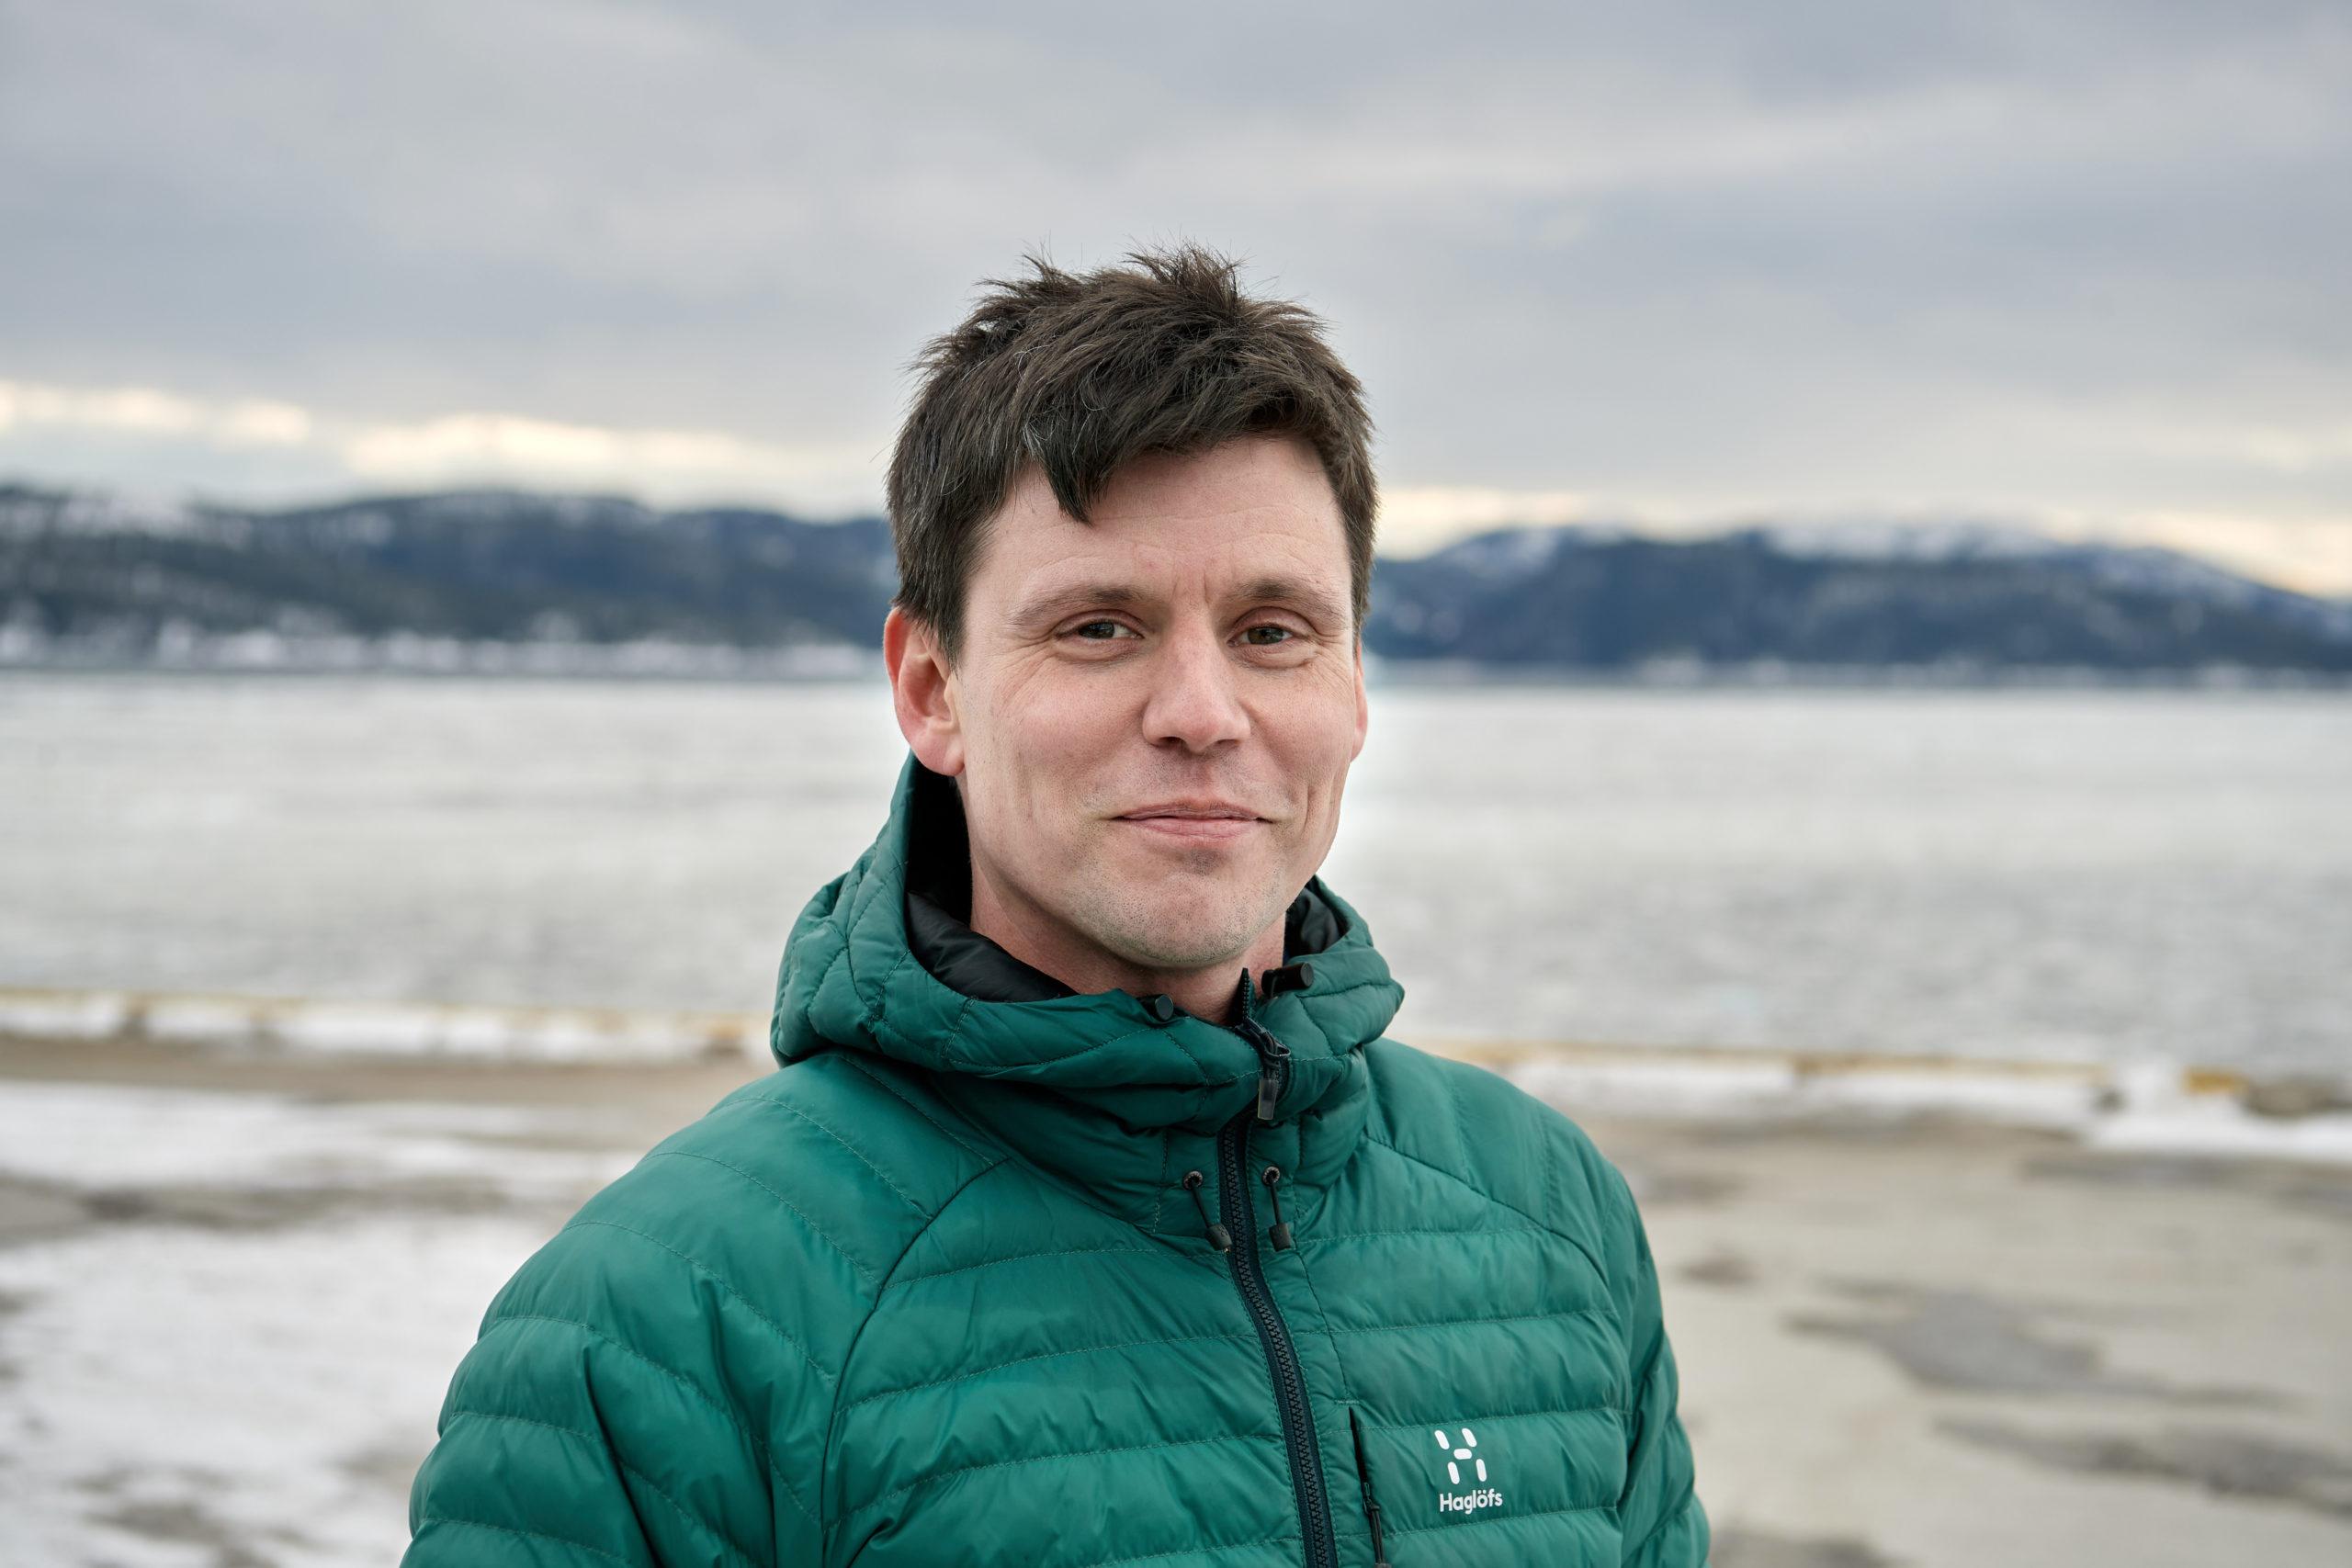 Mann i grønn jakke foran en islagt fjord